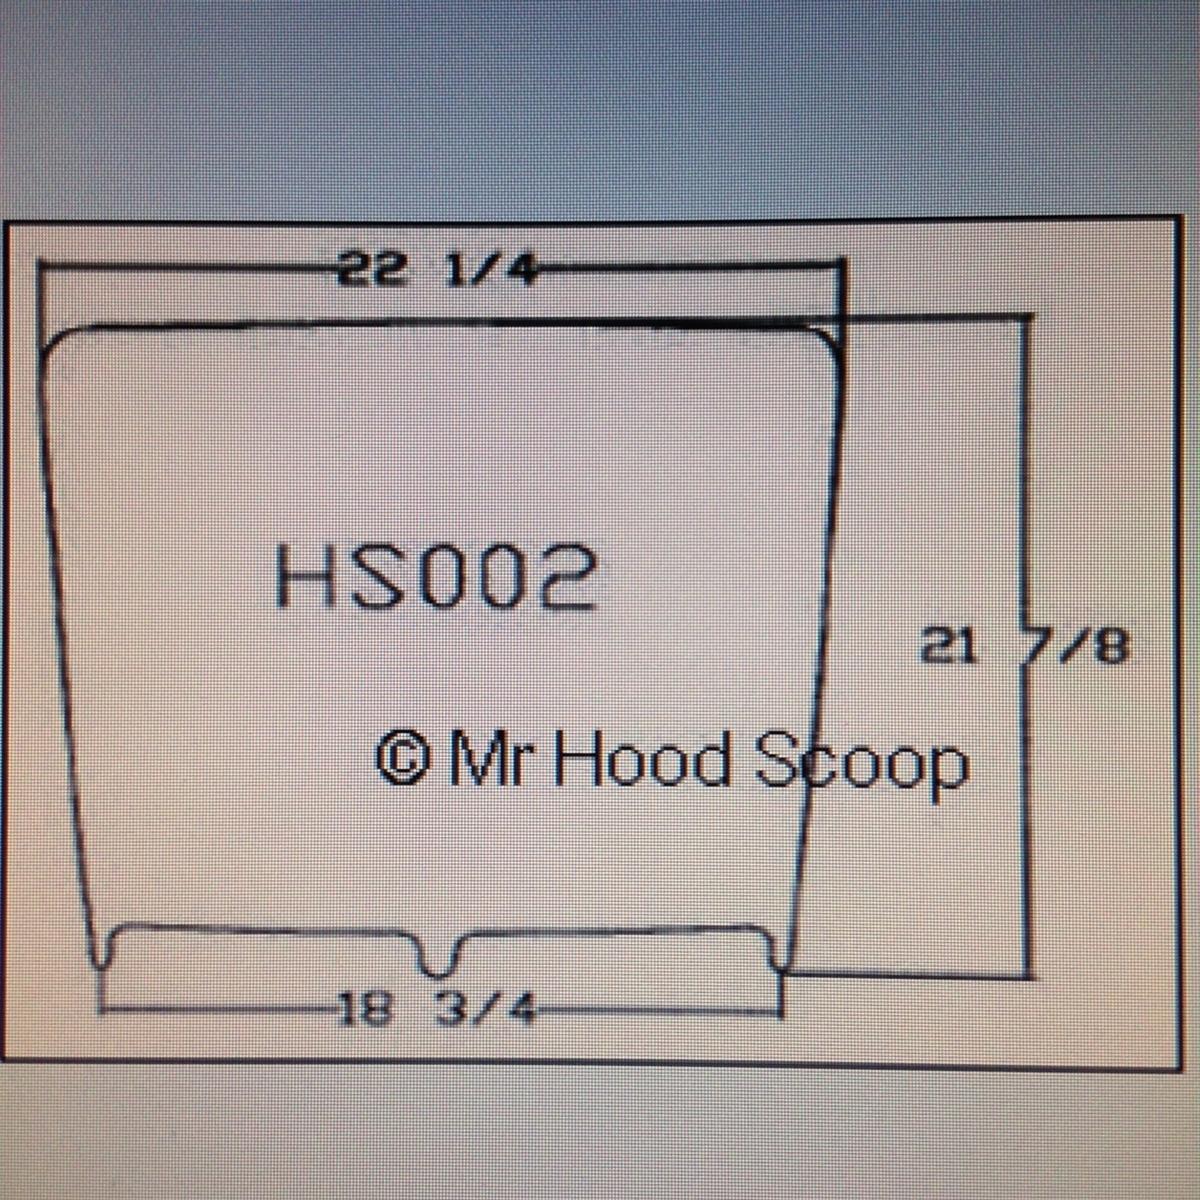 2015-2017 Ford F150 Hood Scoop By MrHoodScoop PAINTED HS002